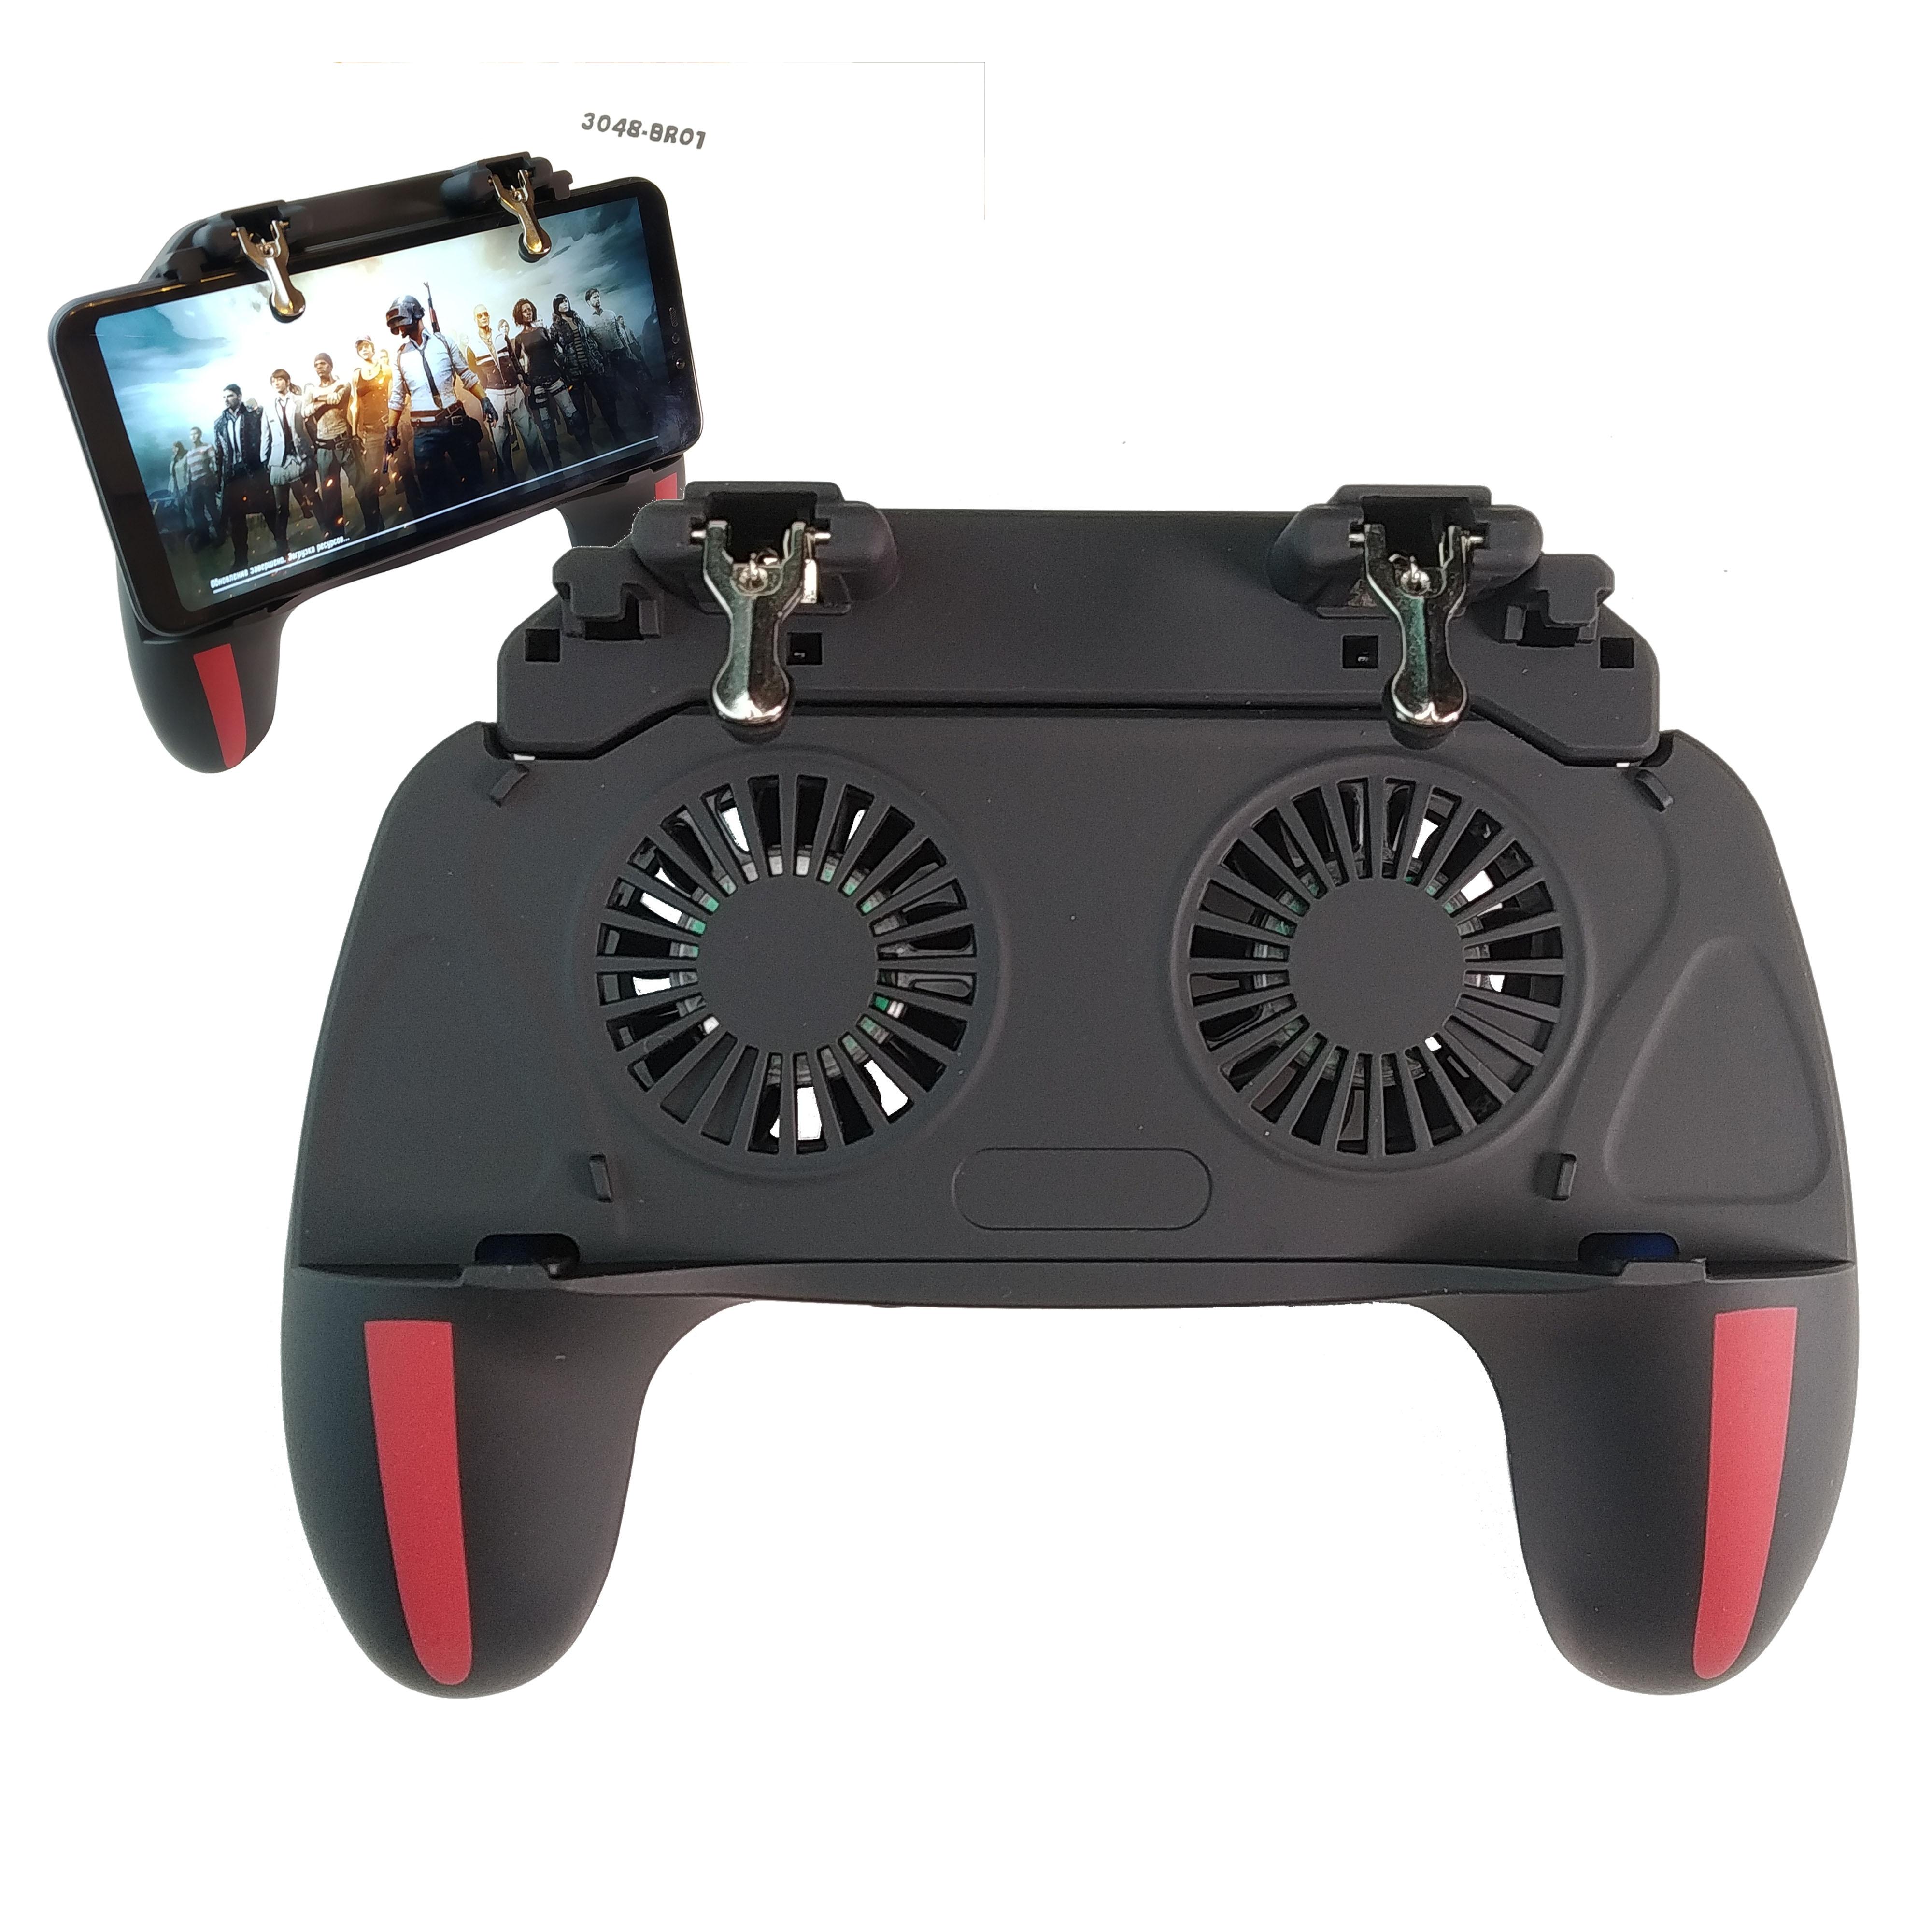 Джойстик для PUBG mobile, Триггер, Геймпад для COD, 6 пальцев, охлаждение для телефона, вентилятор для телефона, повербанк